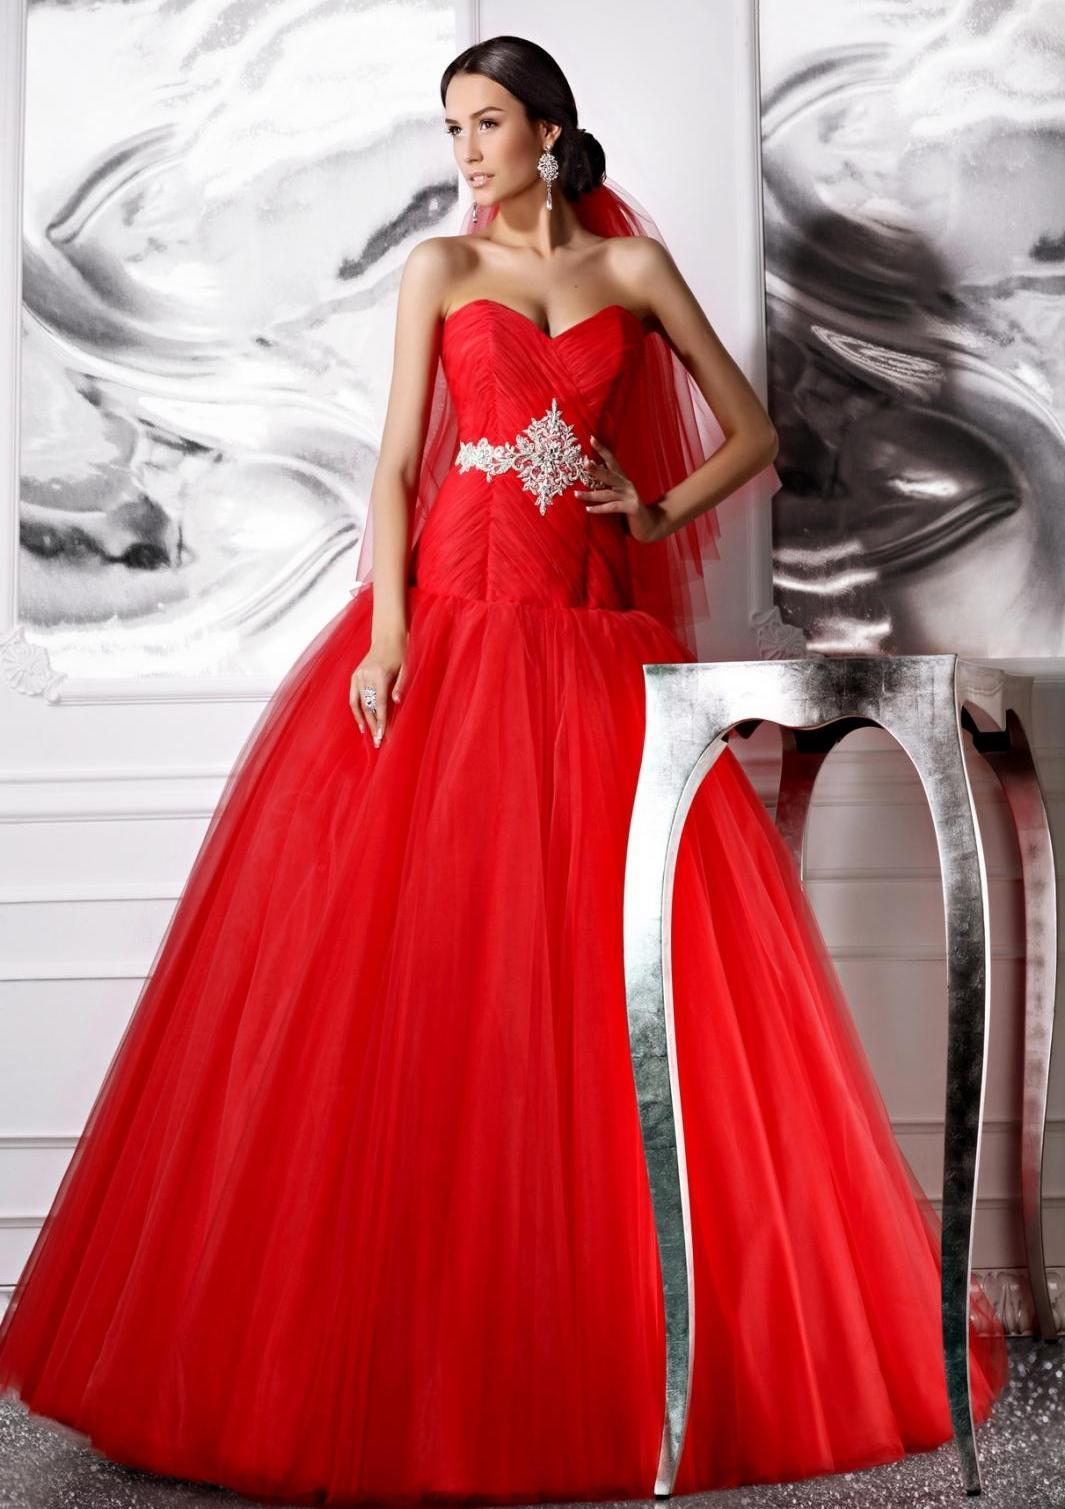 5c3f7f6d3e7 Красное свадебное платье со шлейфом а-силуэта